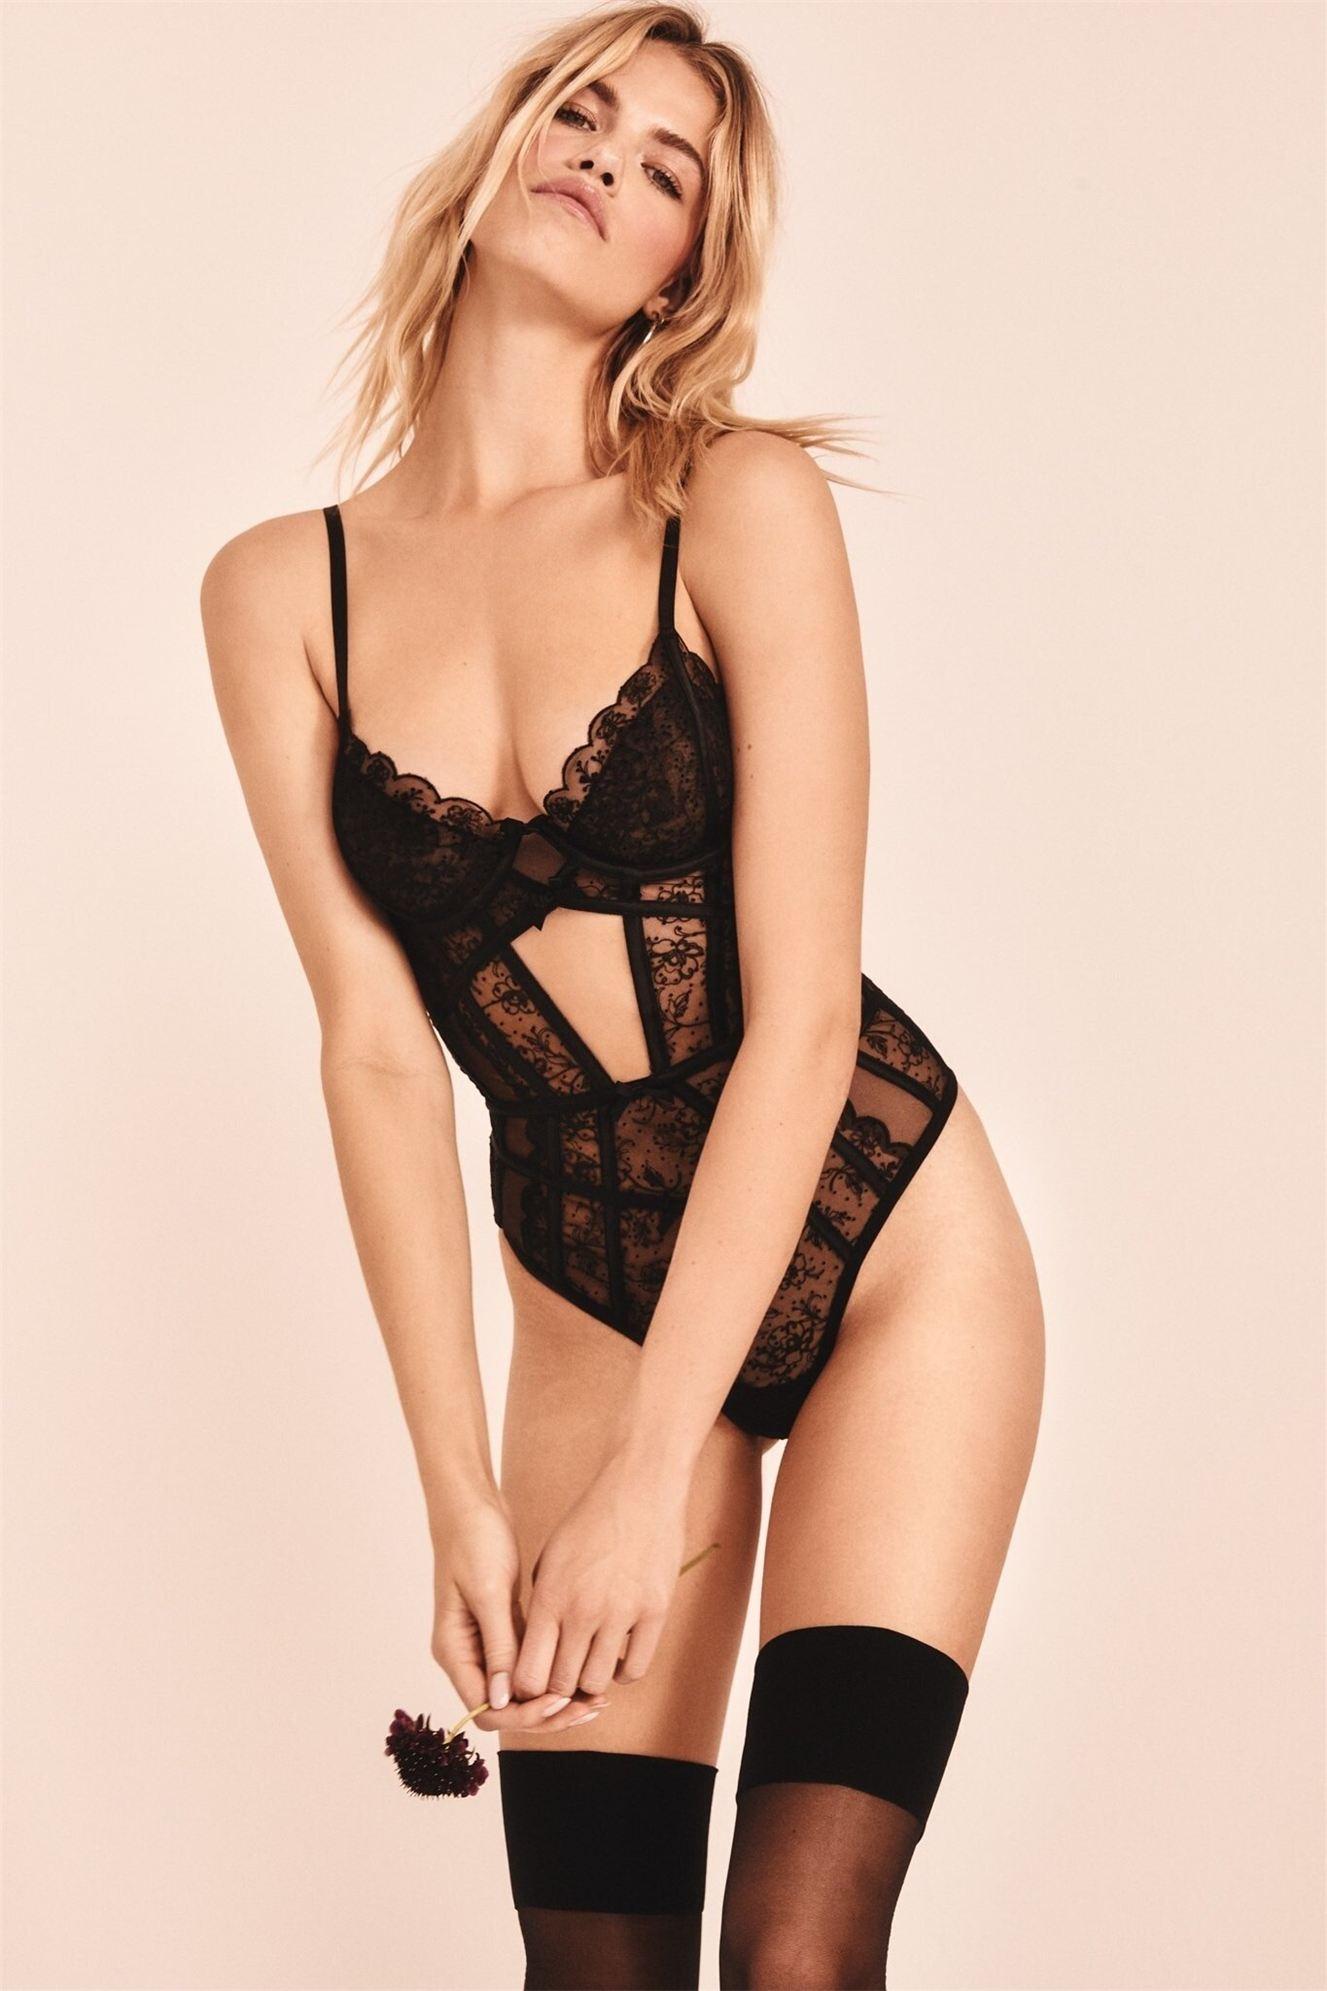 Хейли Клоусон в новой модной коллекции нижнего белья / фото 33